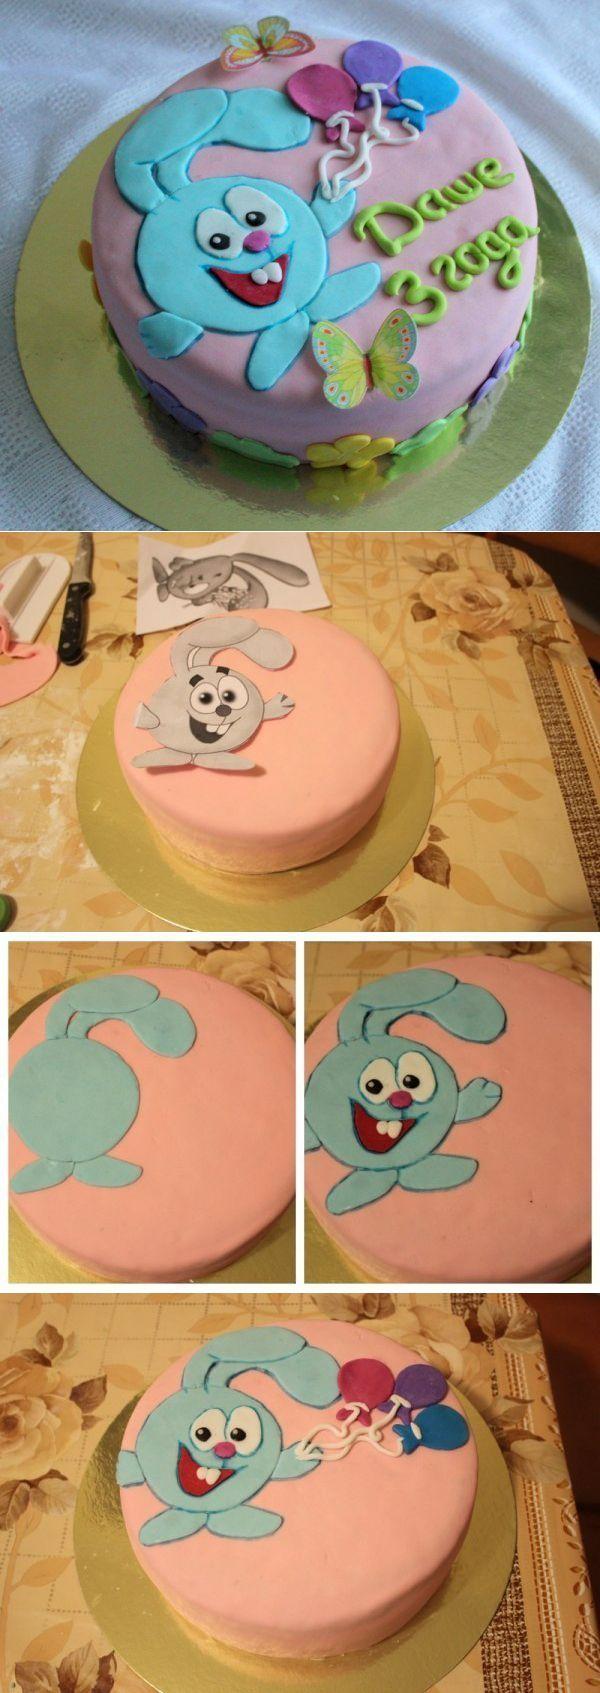 Детский тортик своими руками фото 389